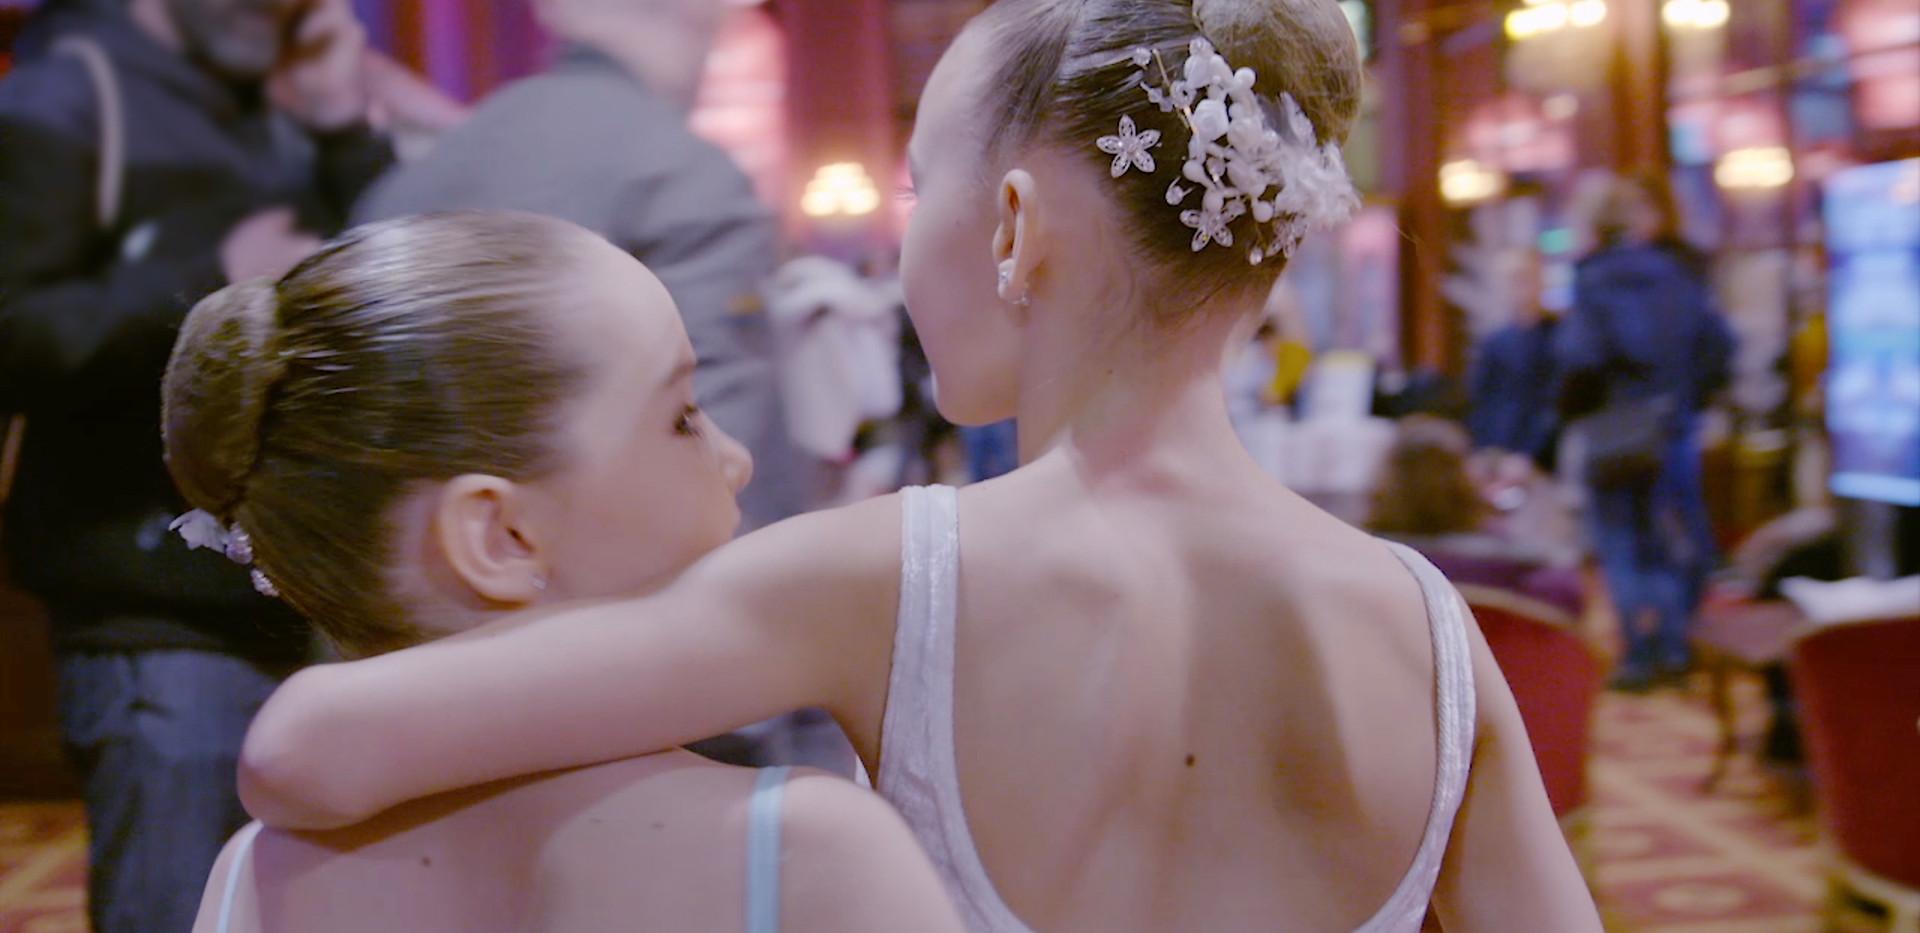 Petites_Danseuses_3.jpg